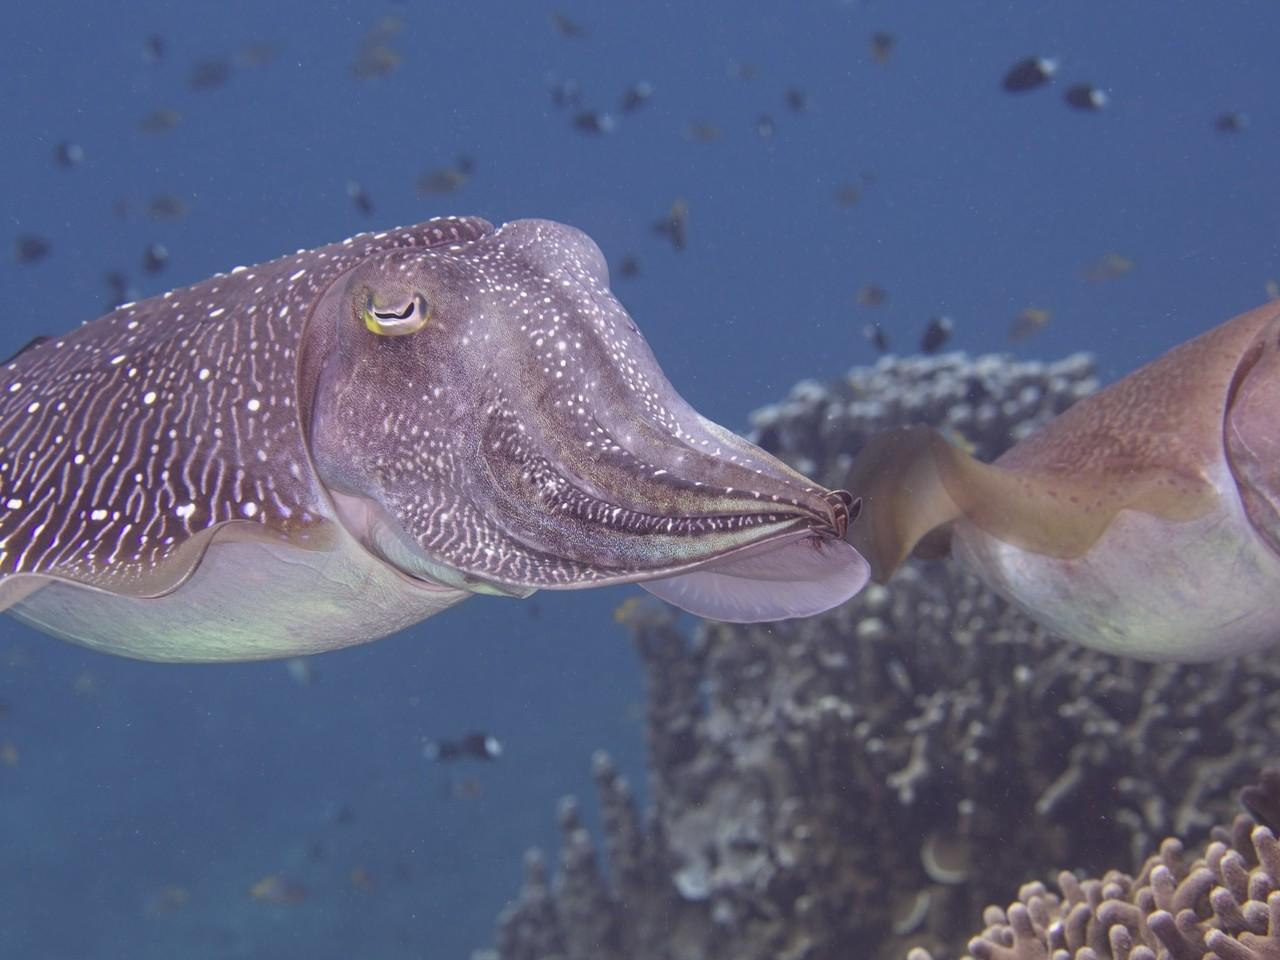 「コブシメ」 産卵を終えて安心顔のコブシメさん